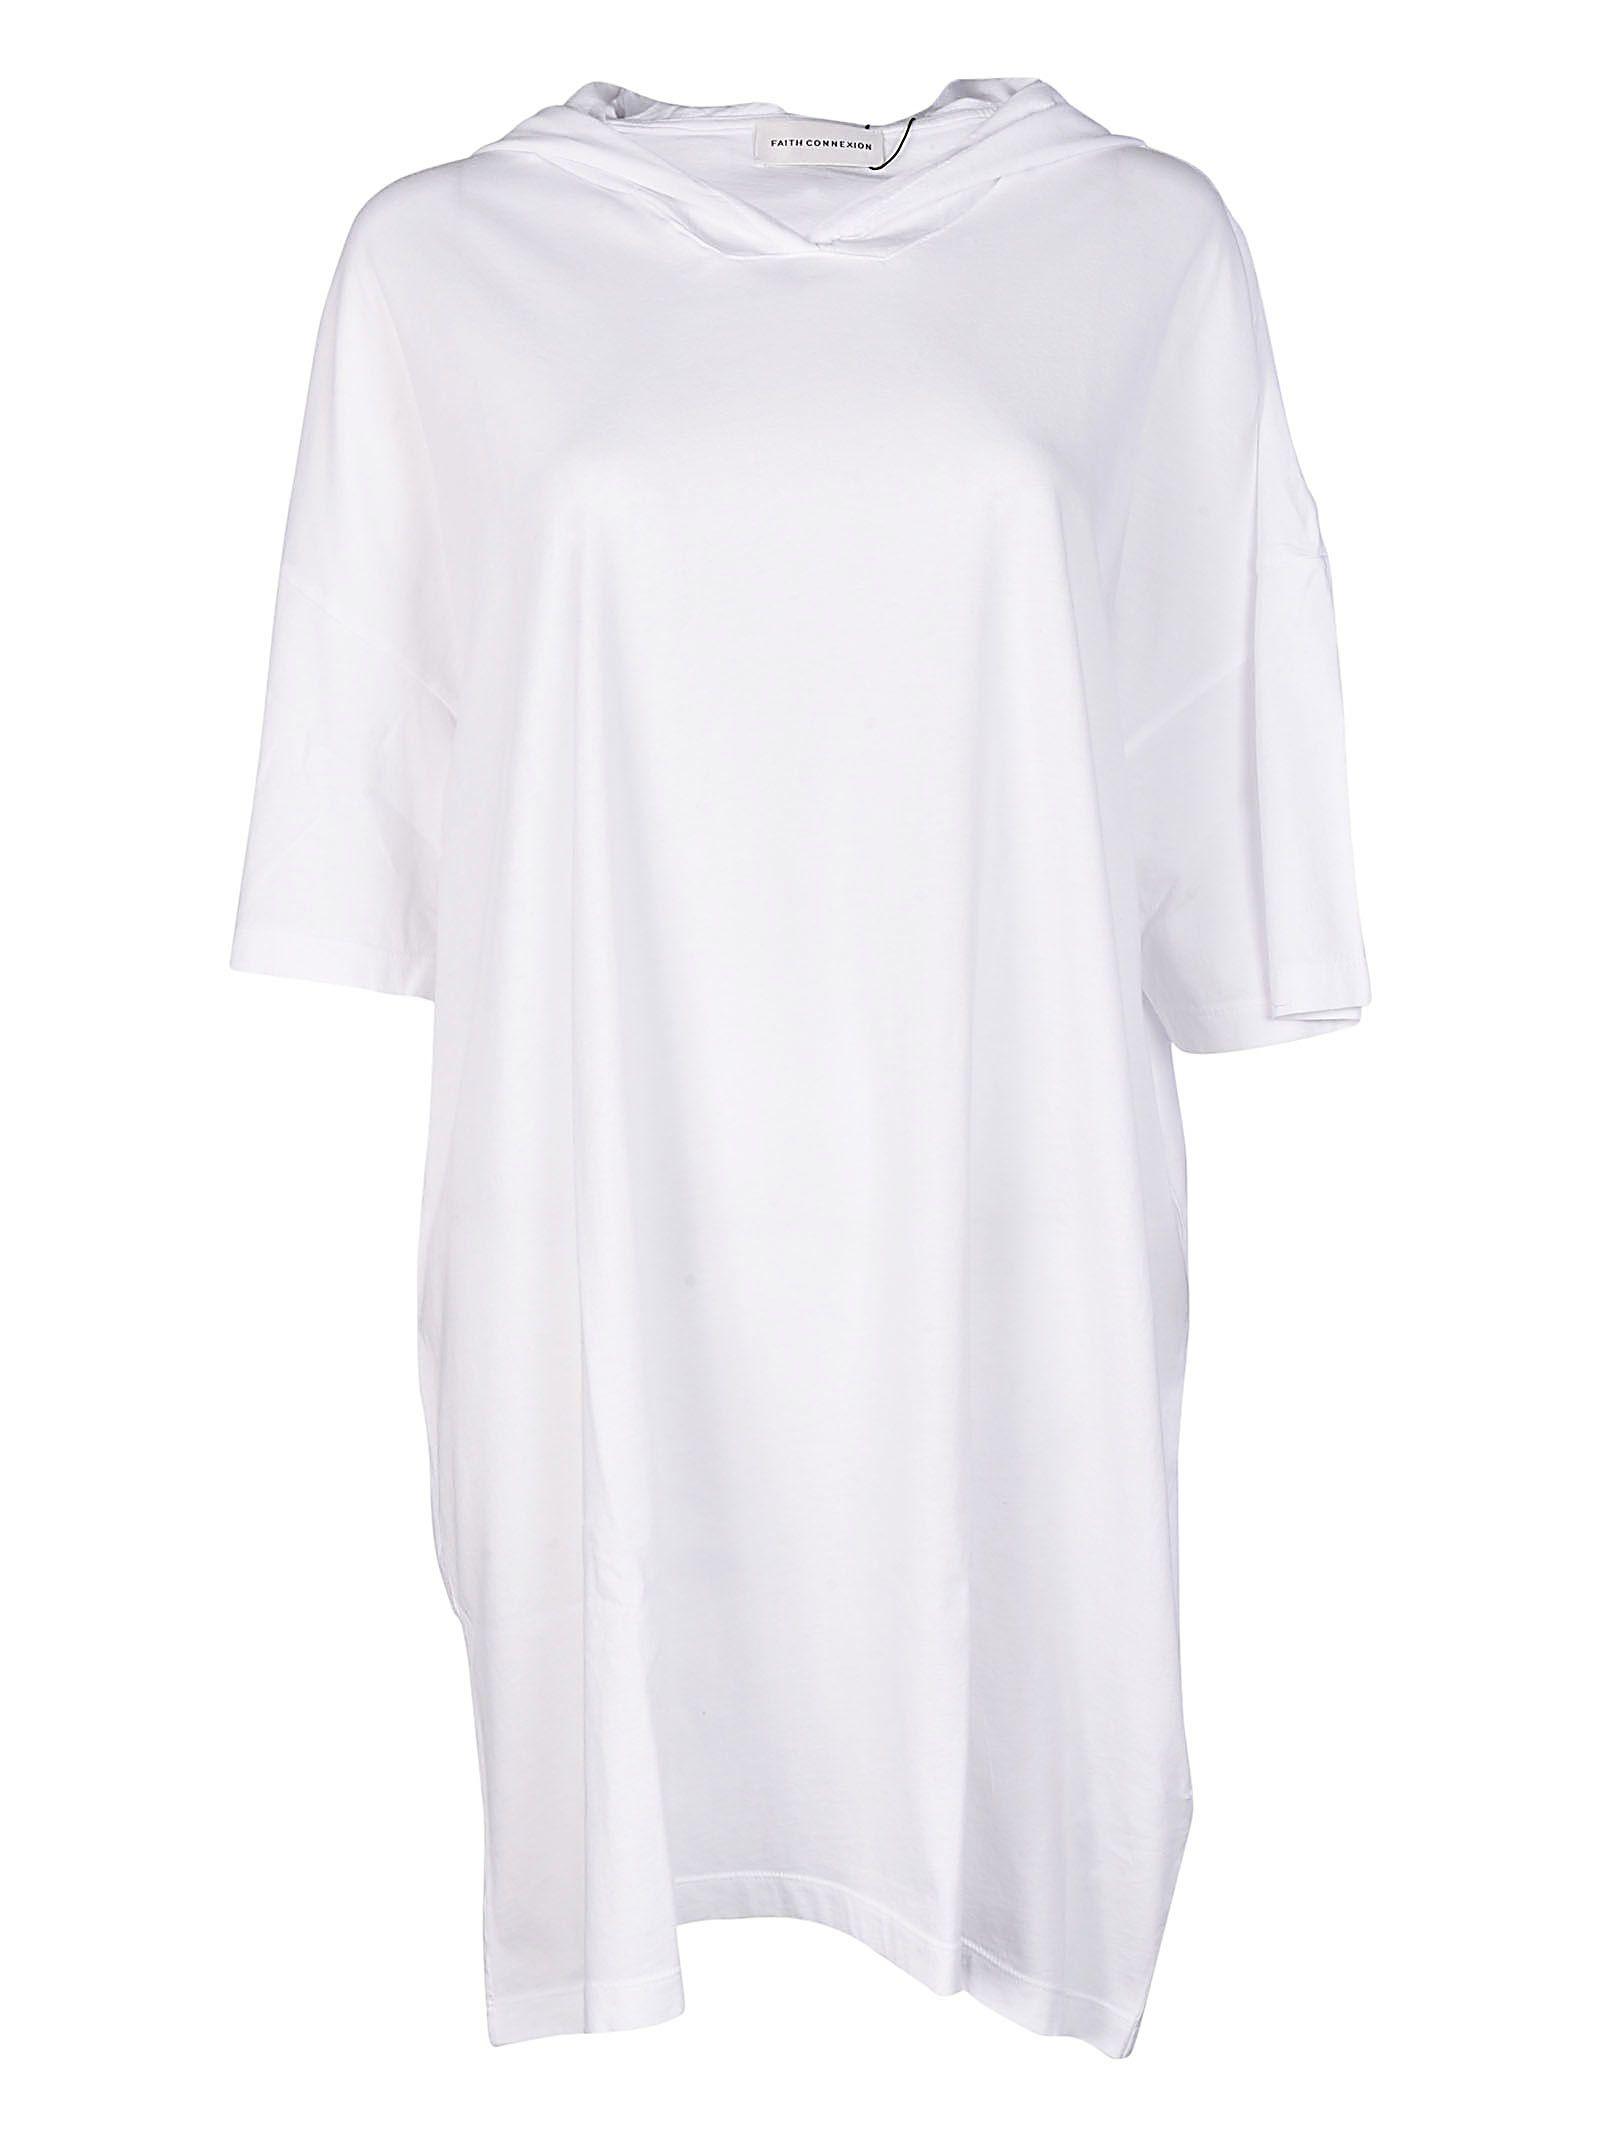 Faith Connexion Hooded T-shirt